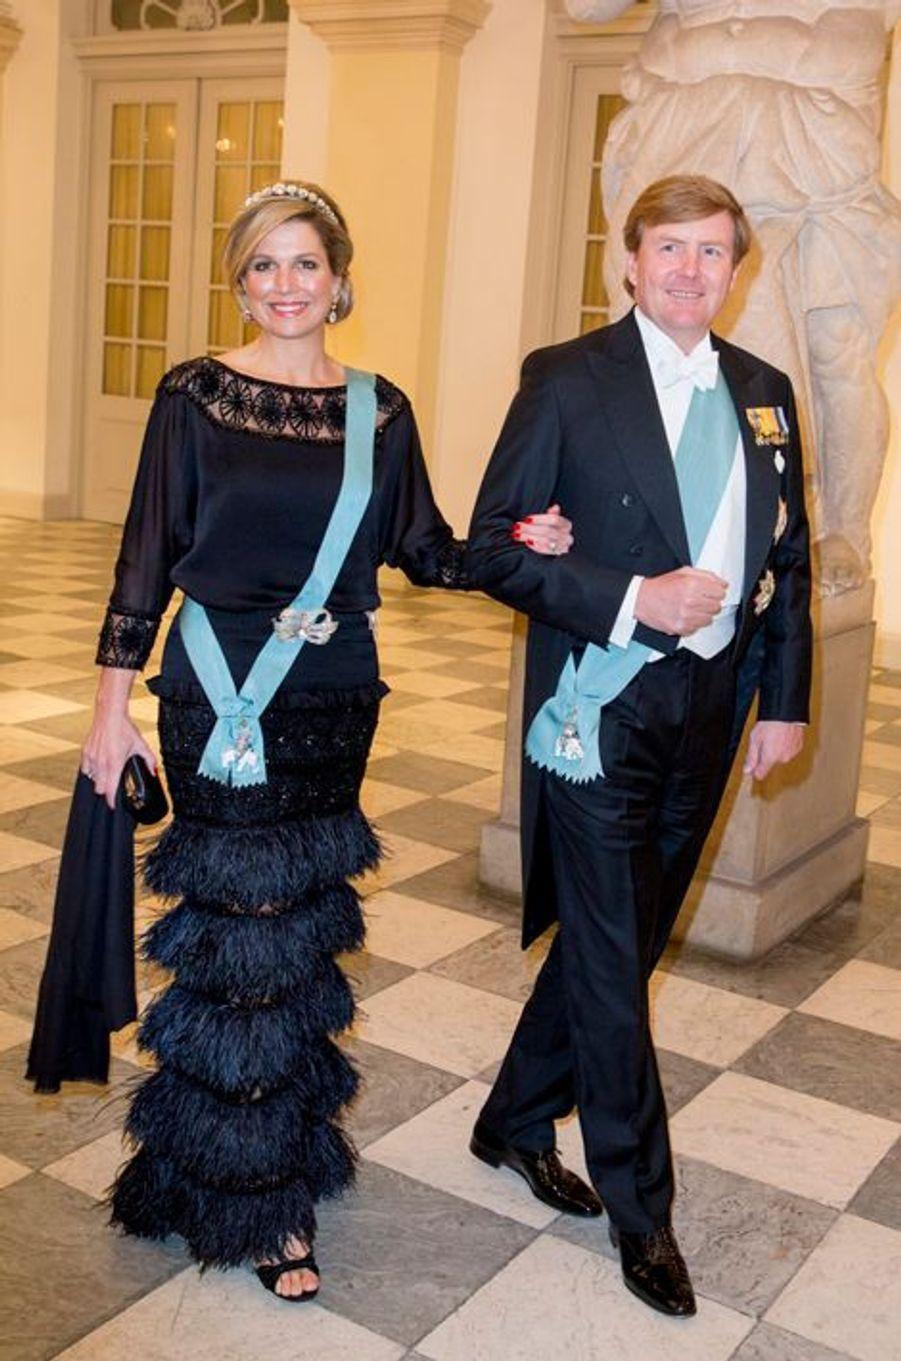 La reine Maxima et le roi Willem-Alexander des Pays-Bas à Copenhague, le 15 avril 2015